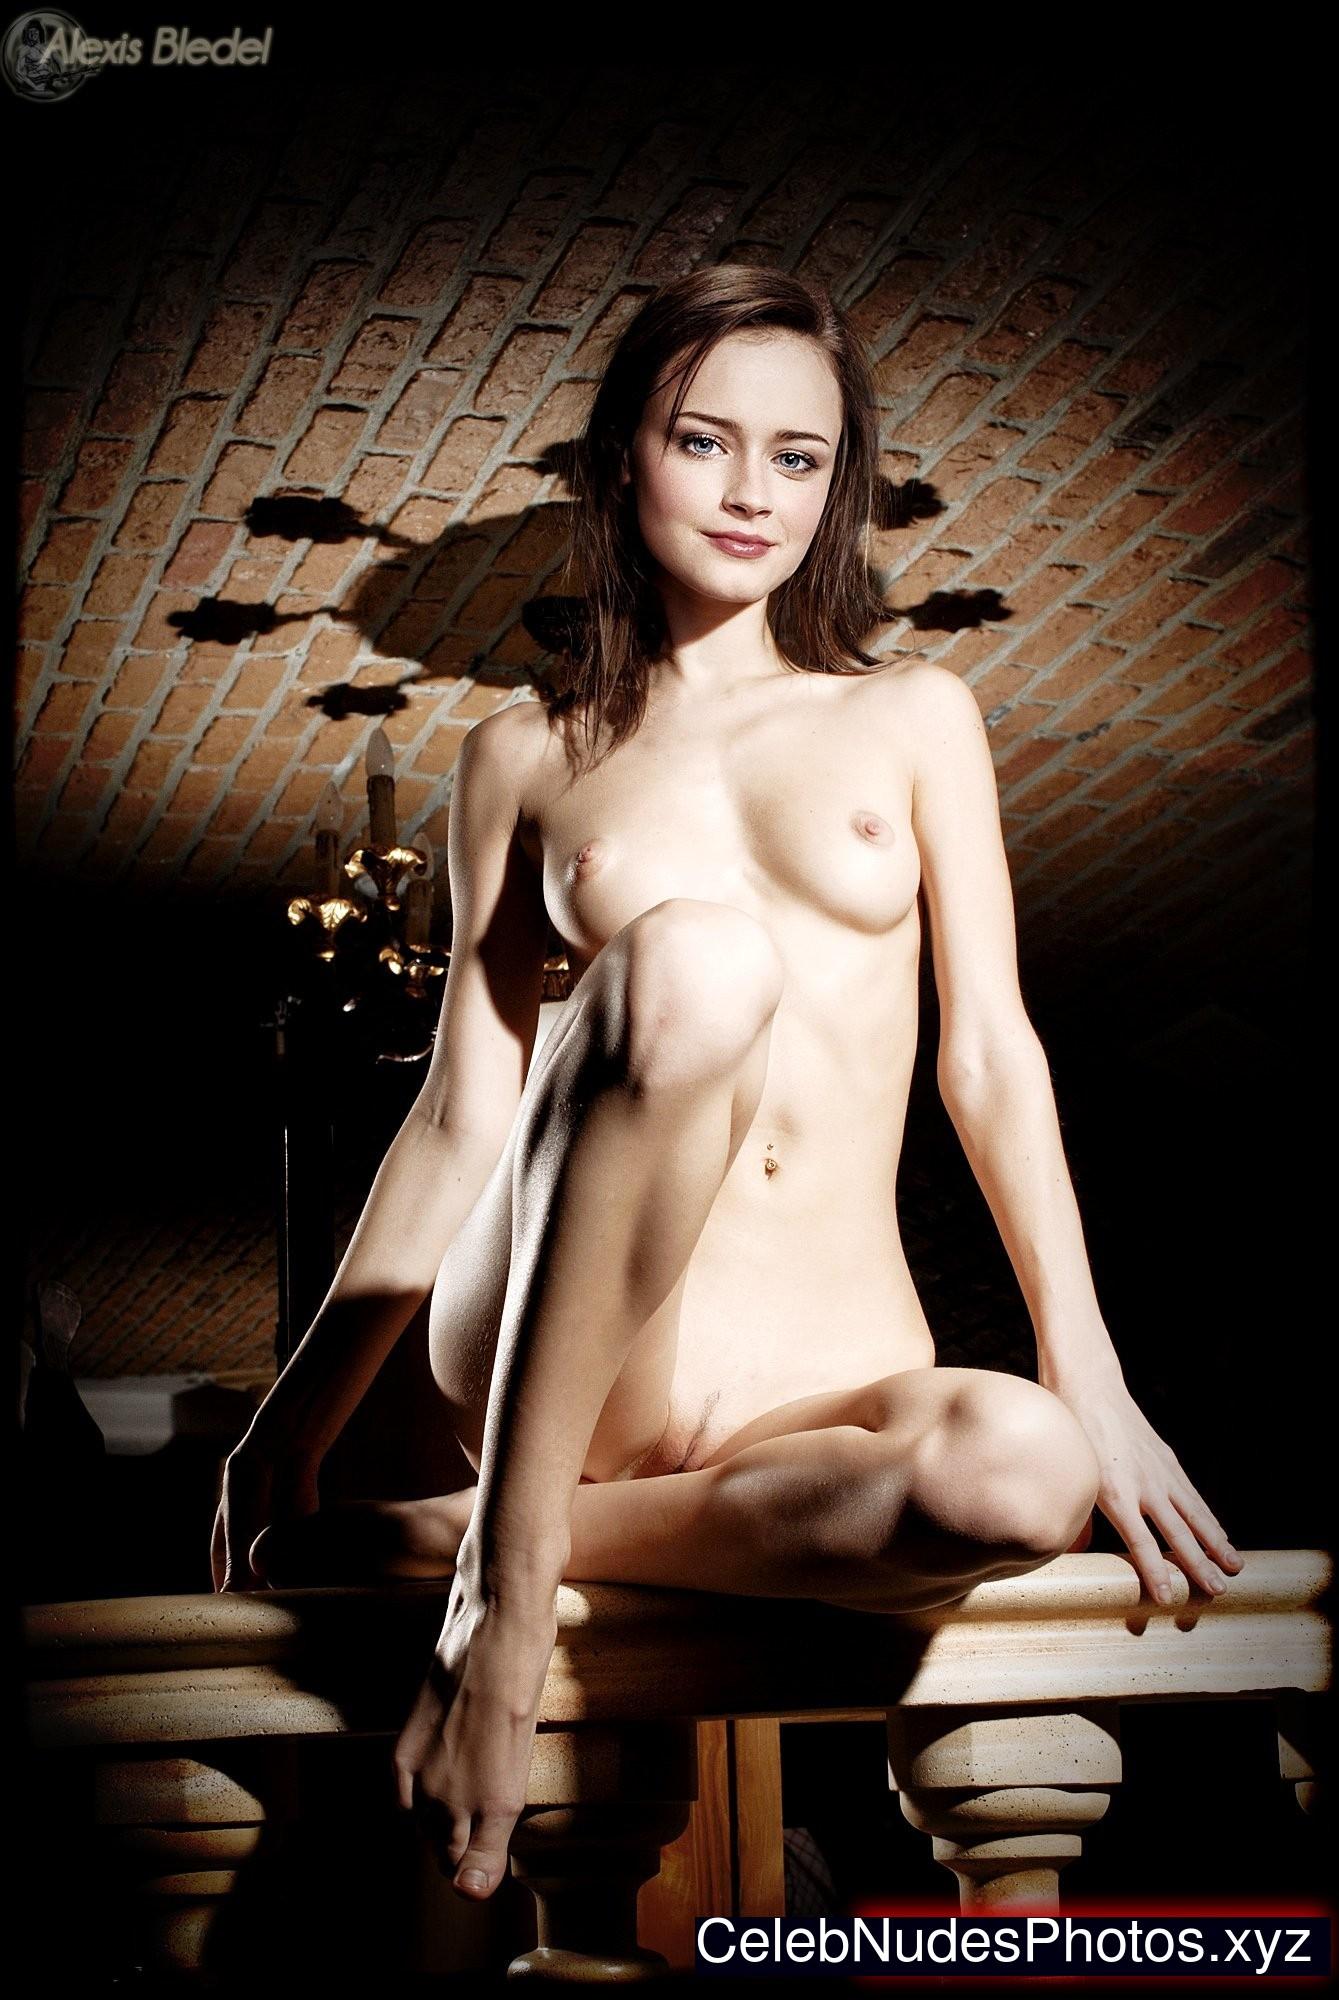 alexis bledel naked real